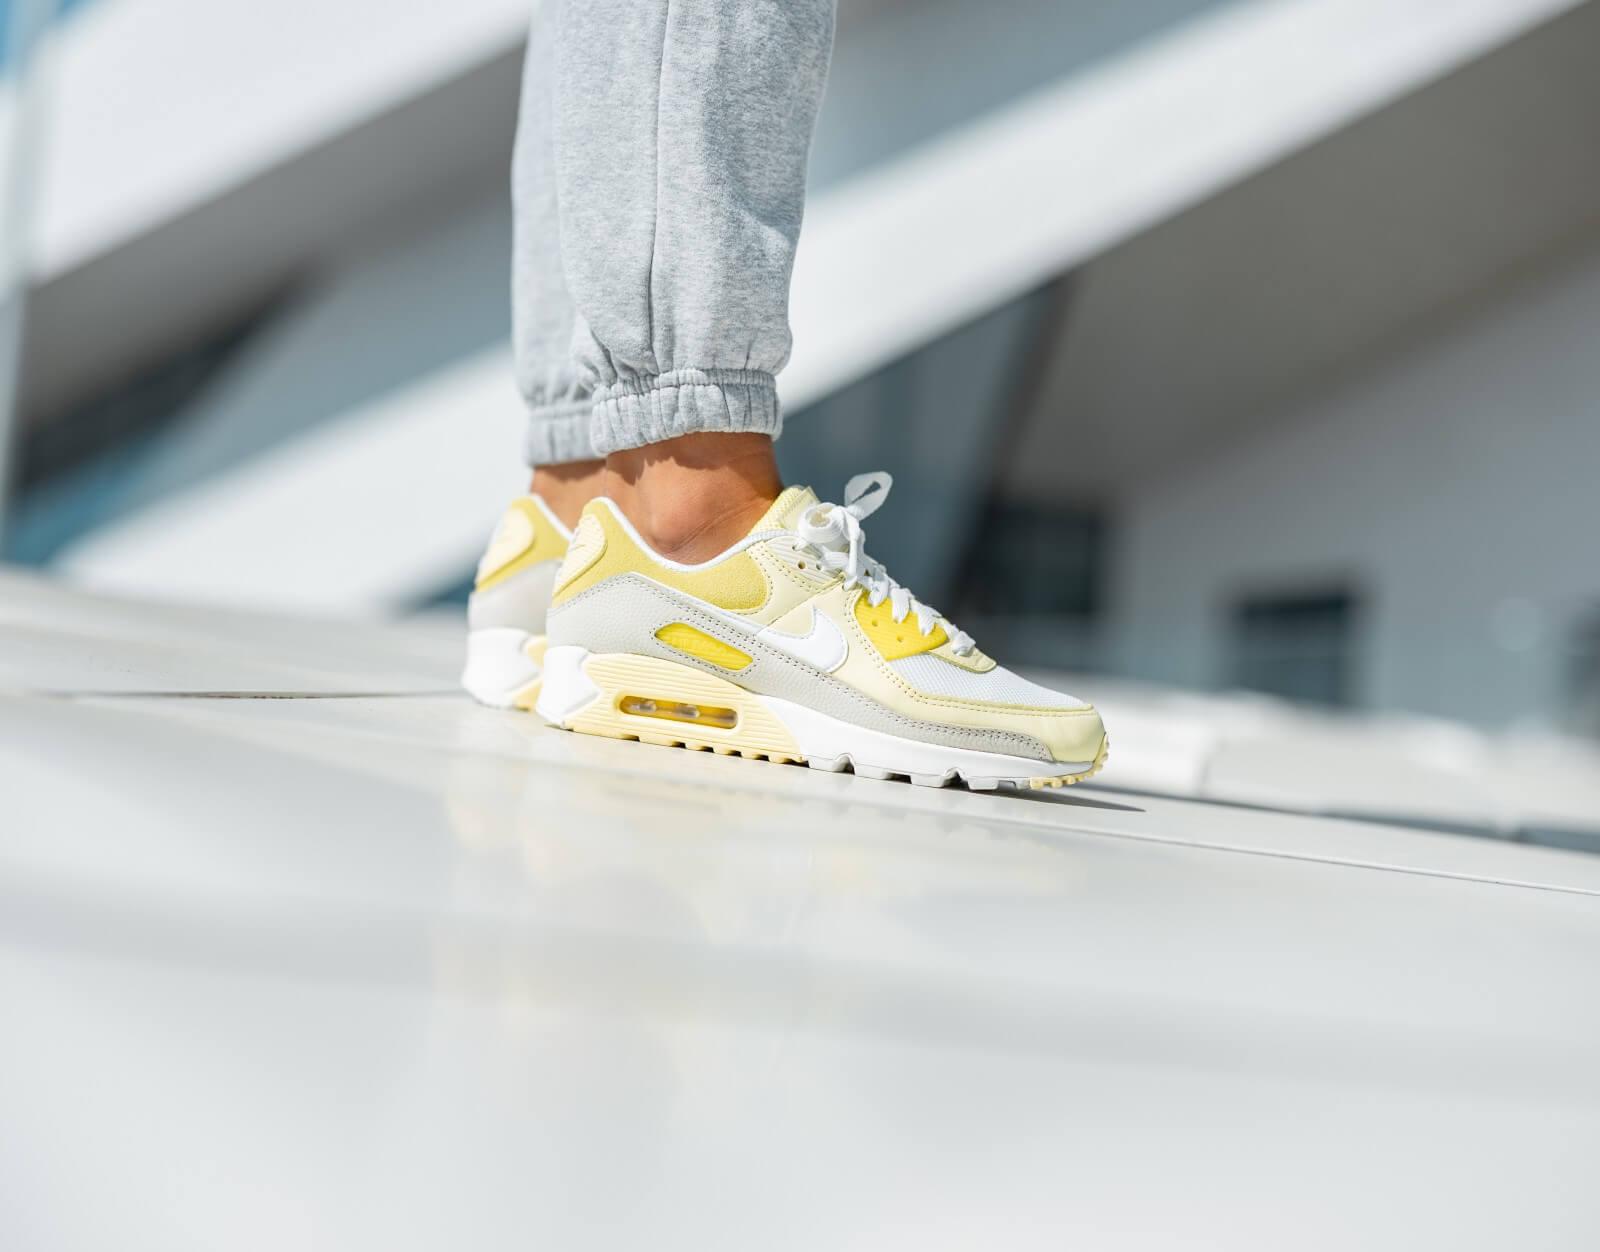 Nike Women's Air Max 90 Opti Yellow/White-Fossil